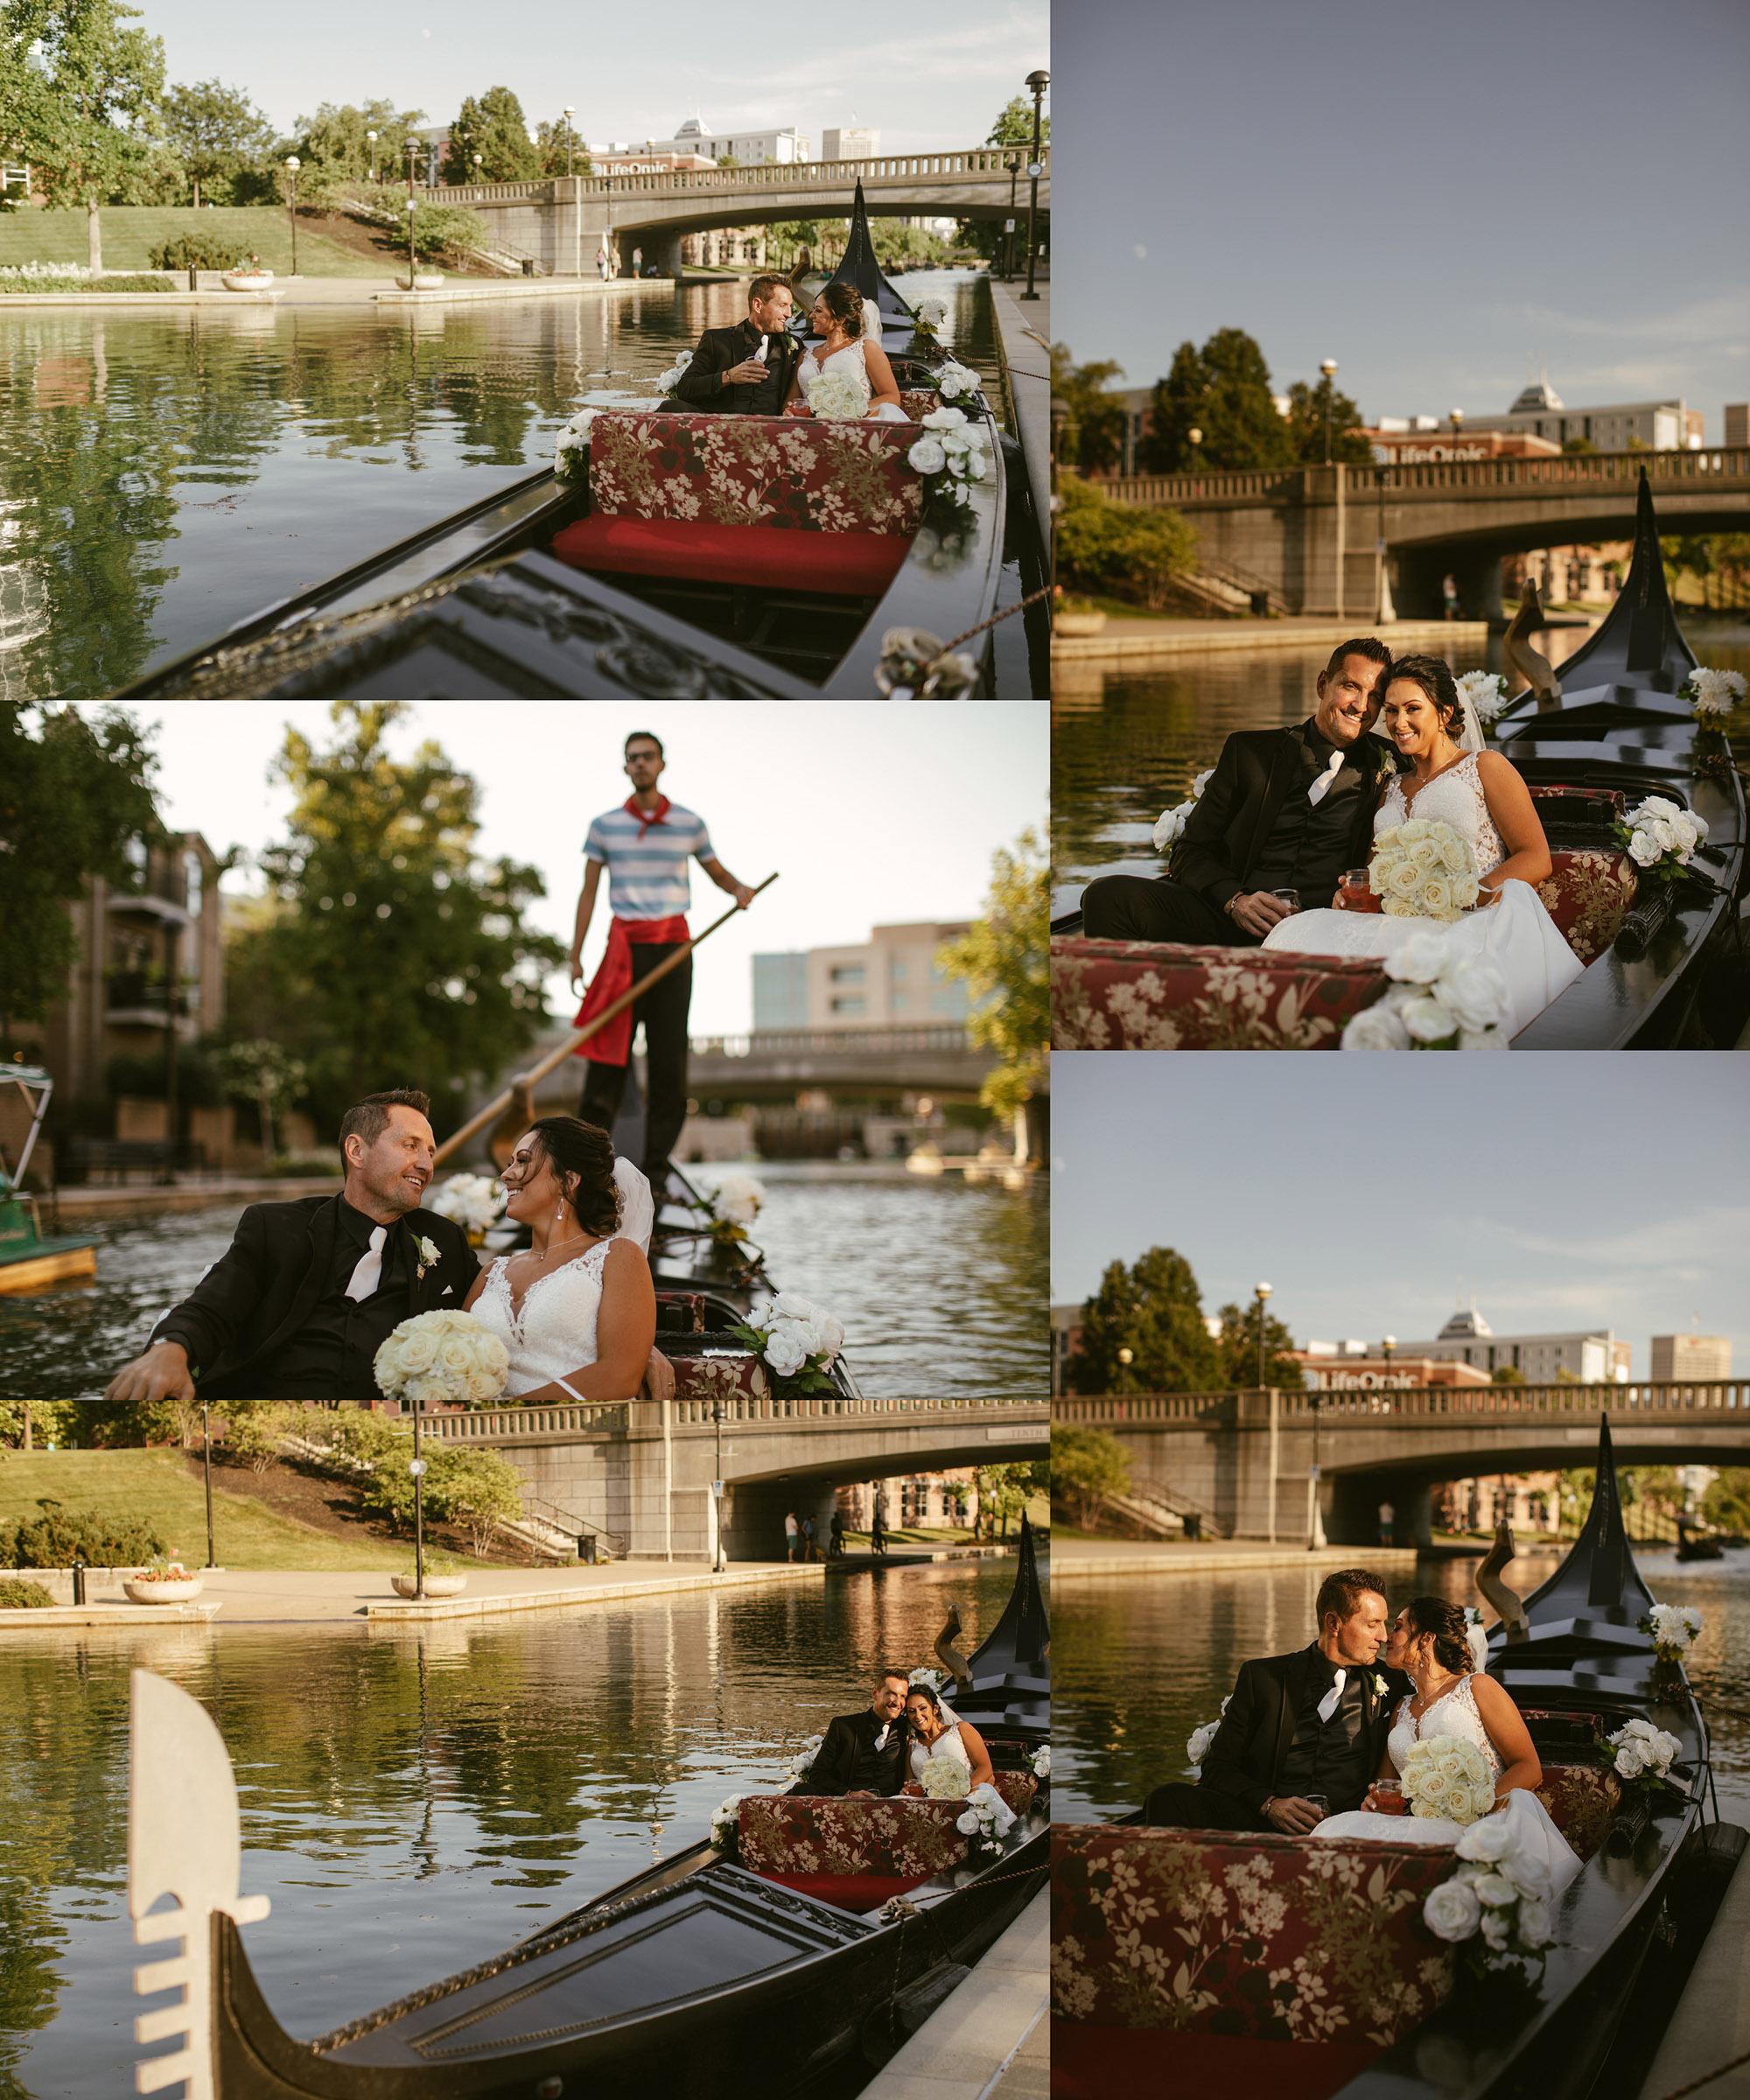 046 aimee ryan wedding canan 337 indianapolis web.jpg